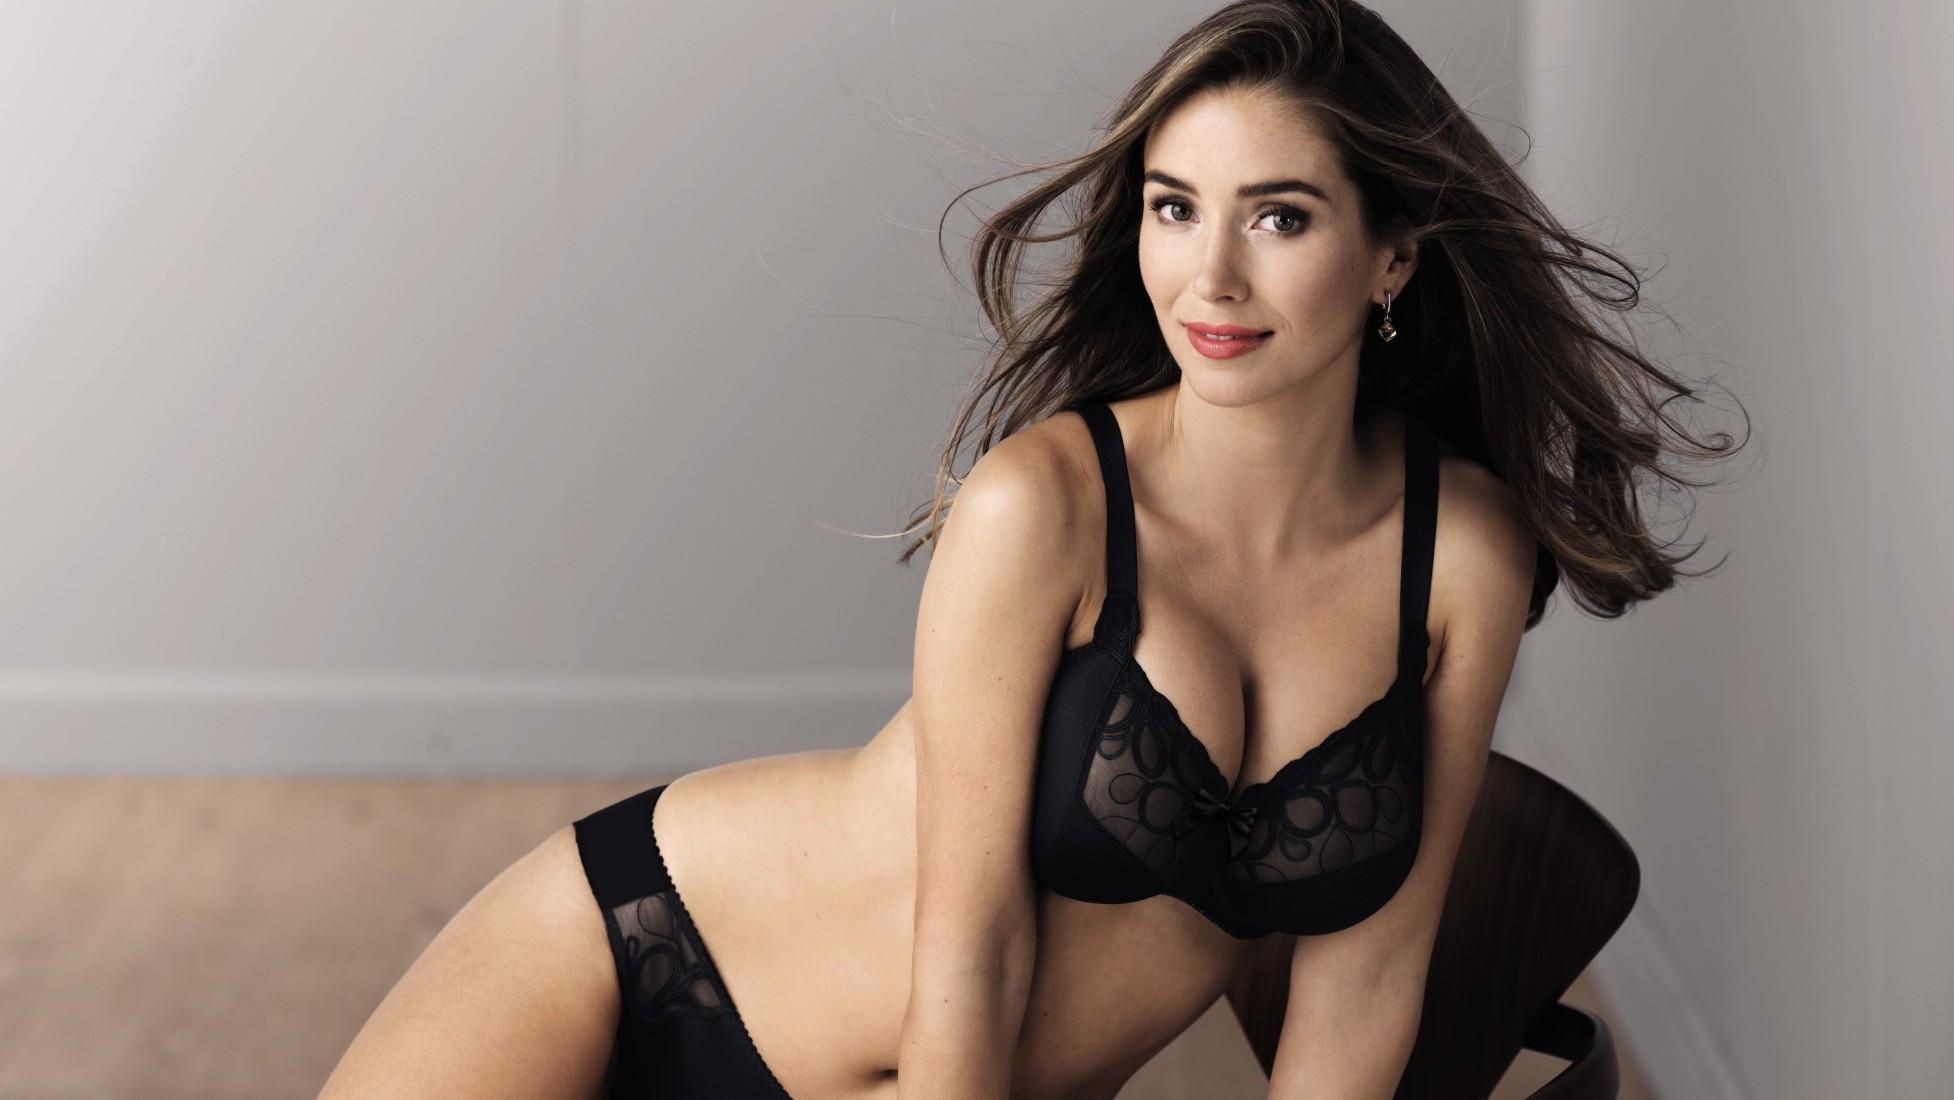 Les spécialistes de la lingerie grande taille à prix réduits ! 7acf34b1b8d